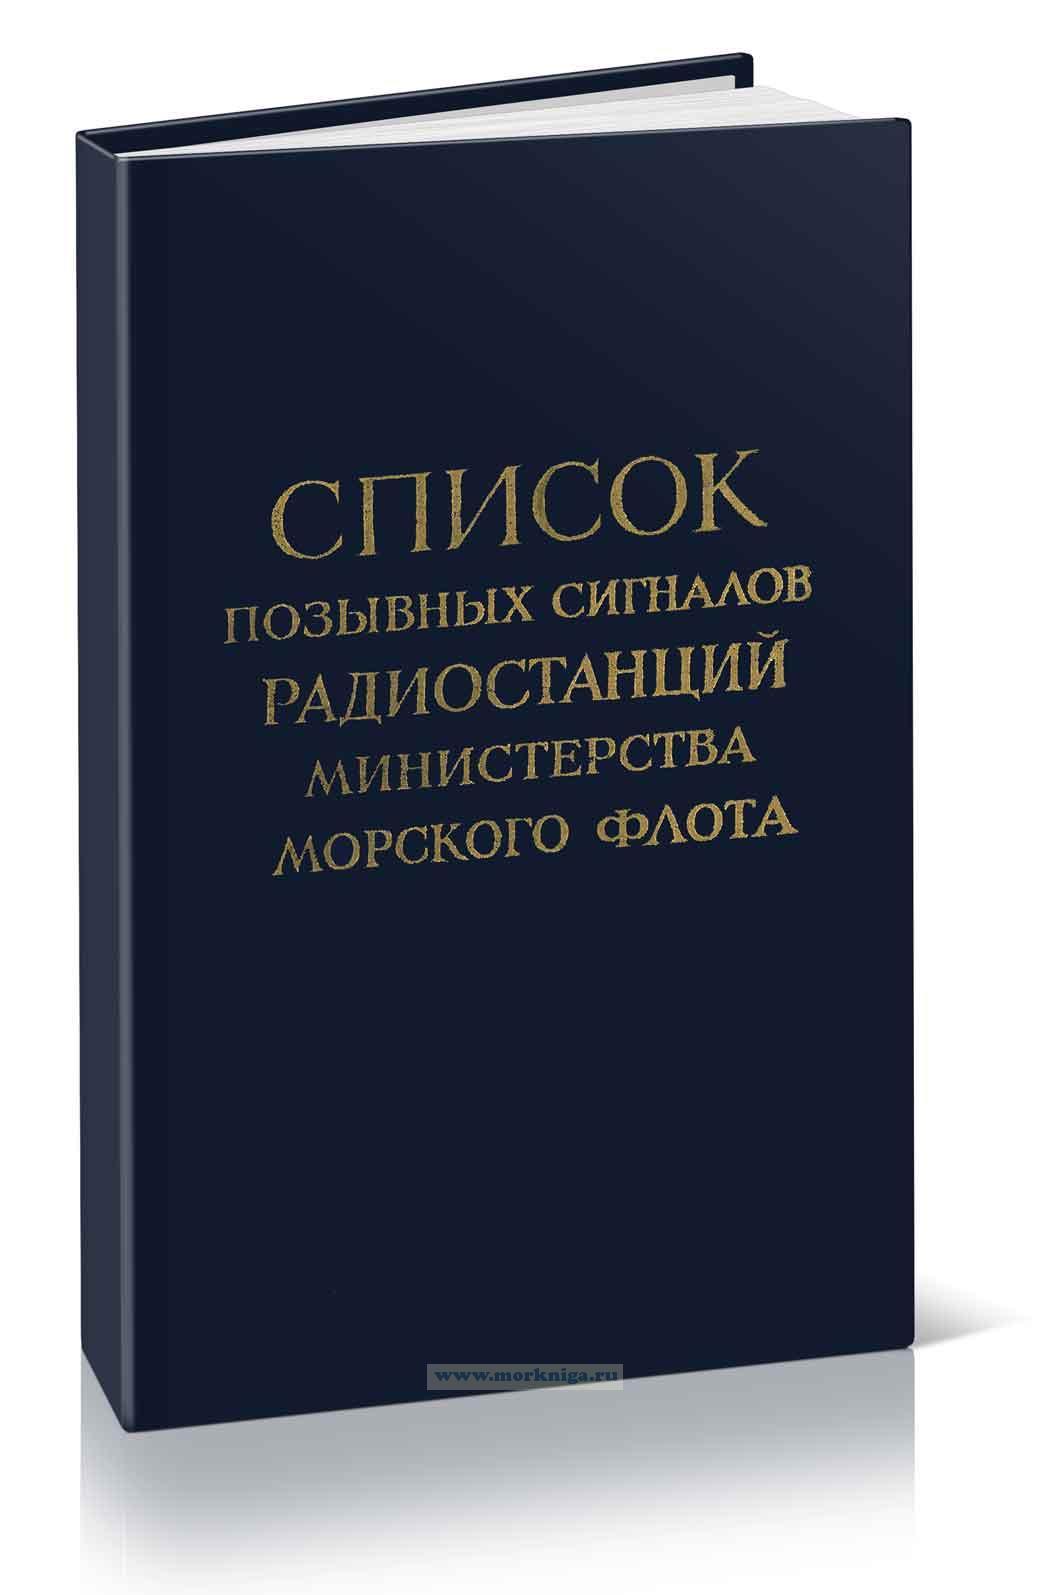 Список позывных сигналов радиостанций Министерства морского флота